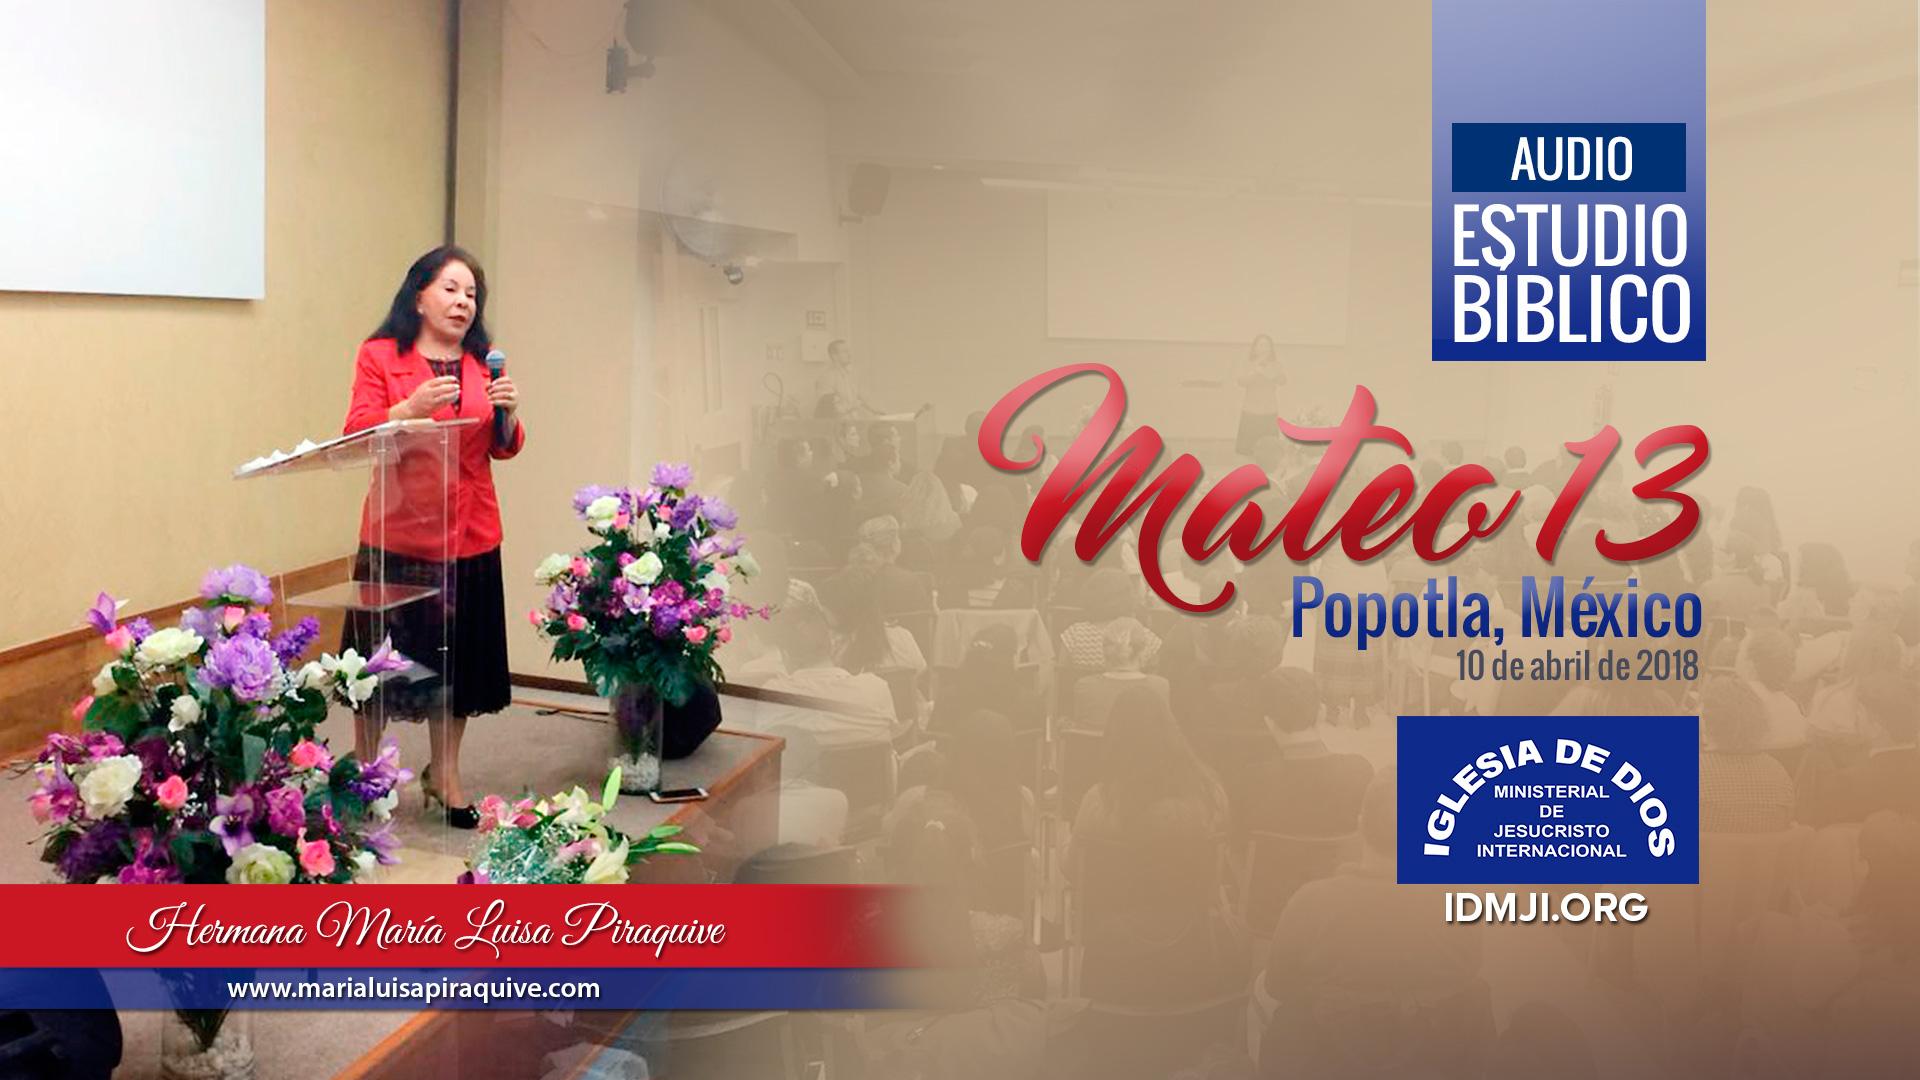 Audio: Estudio Bíblico San Mateo 13, Popotla México – Hermana María Luisa Piraquive